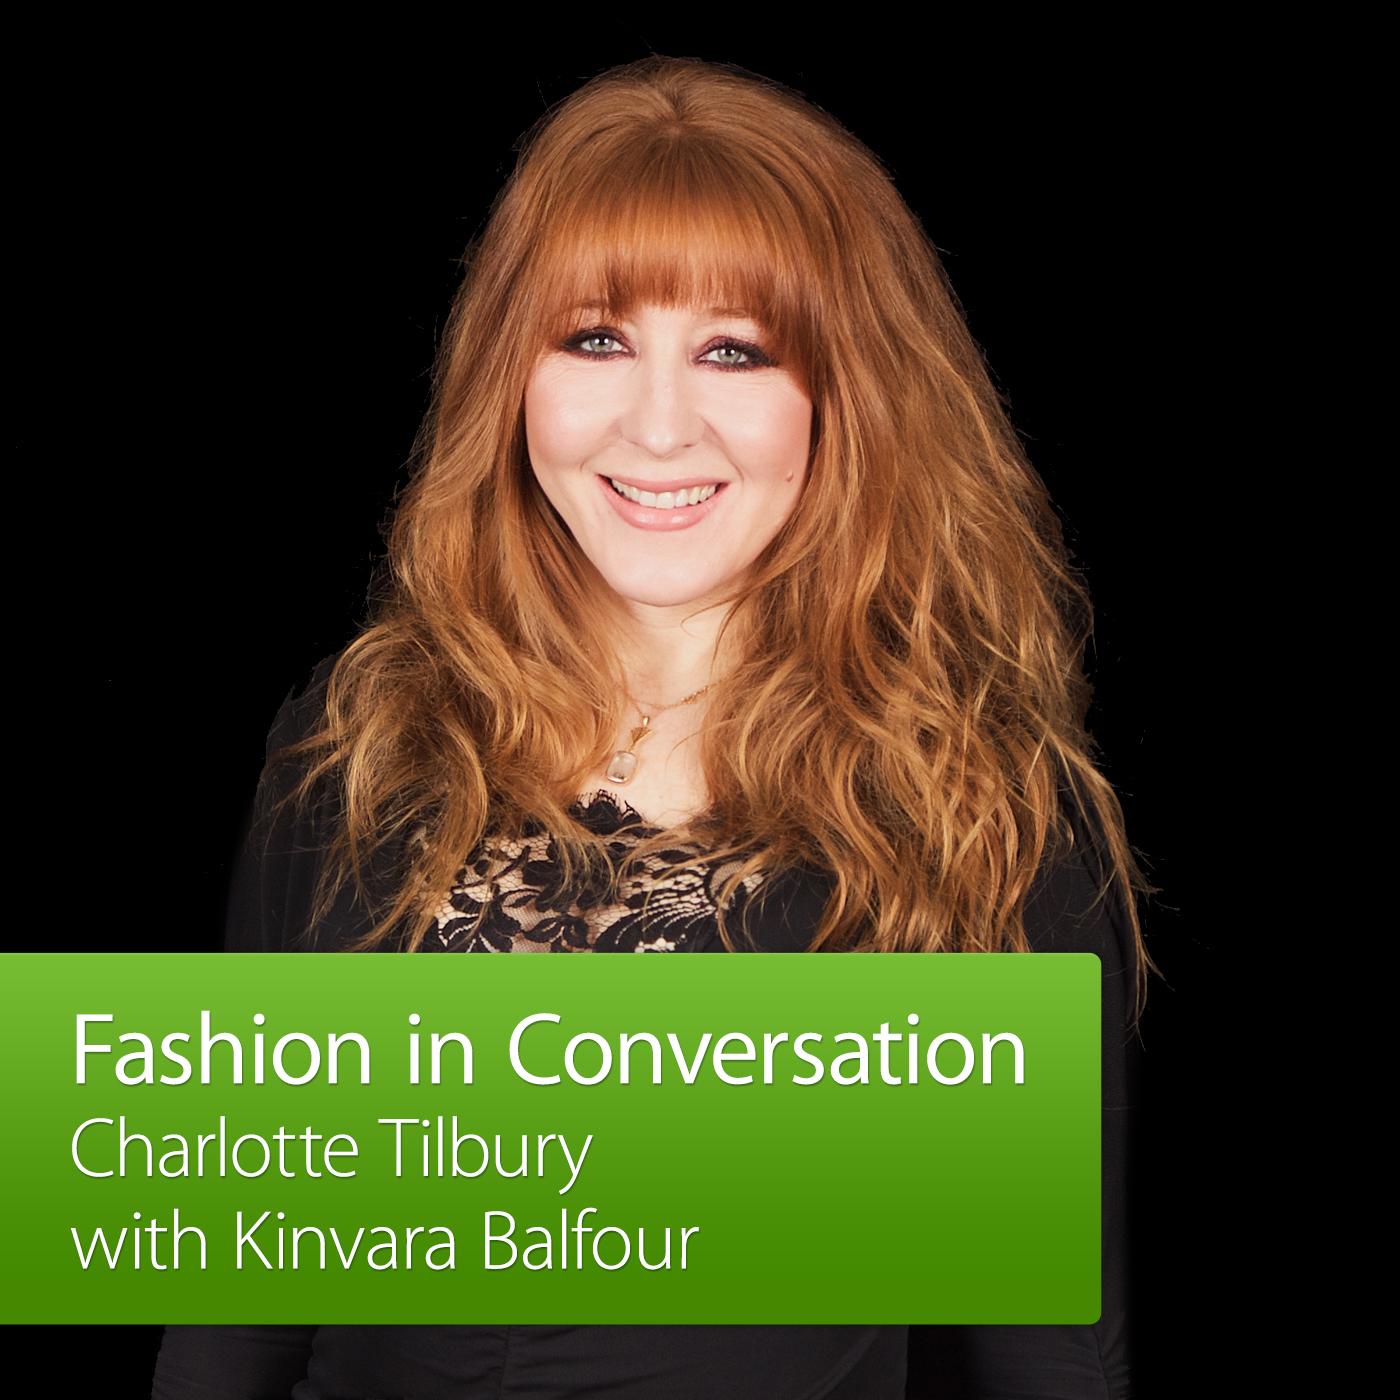 Charlotte Tilbury with Kinvara Balfour